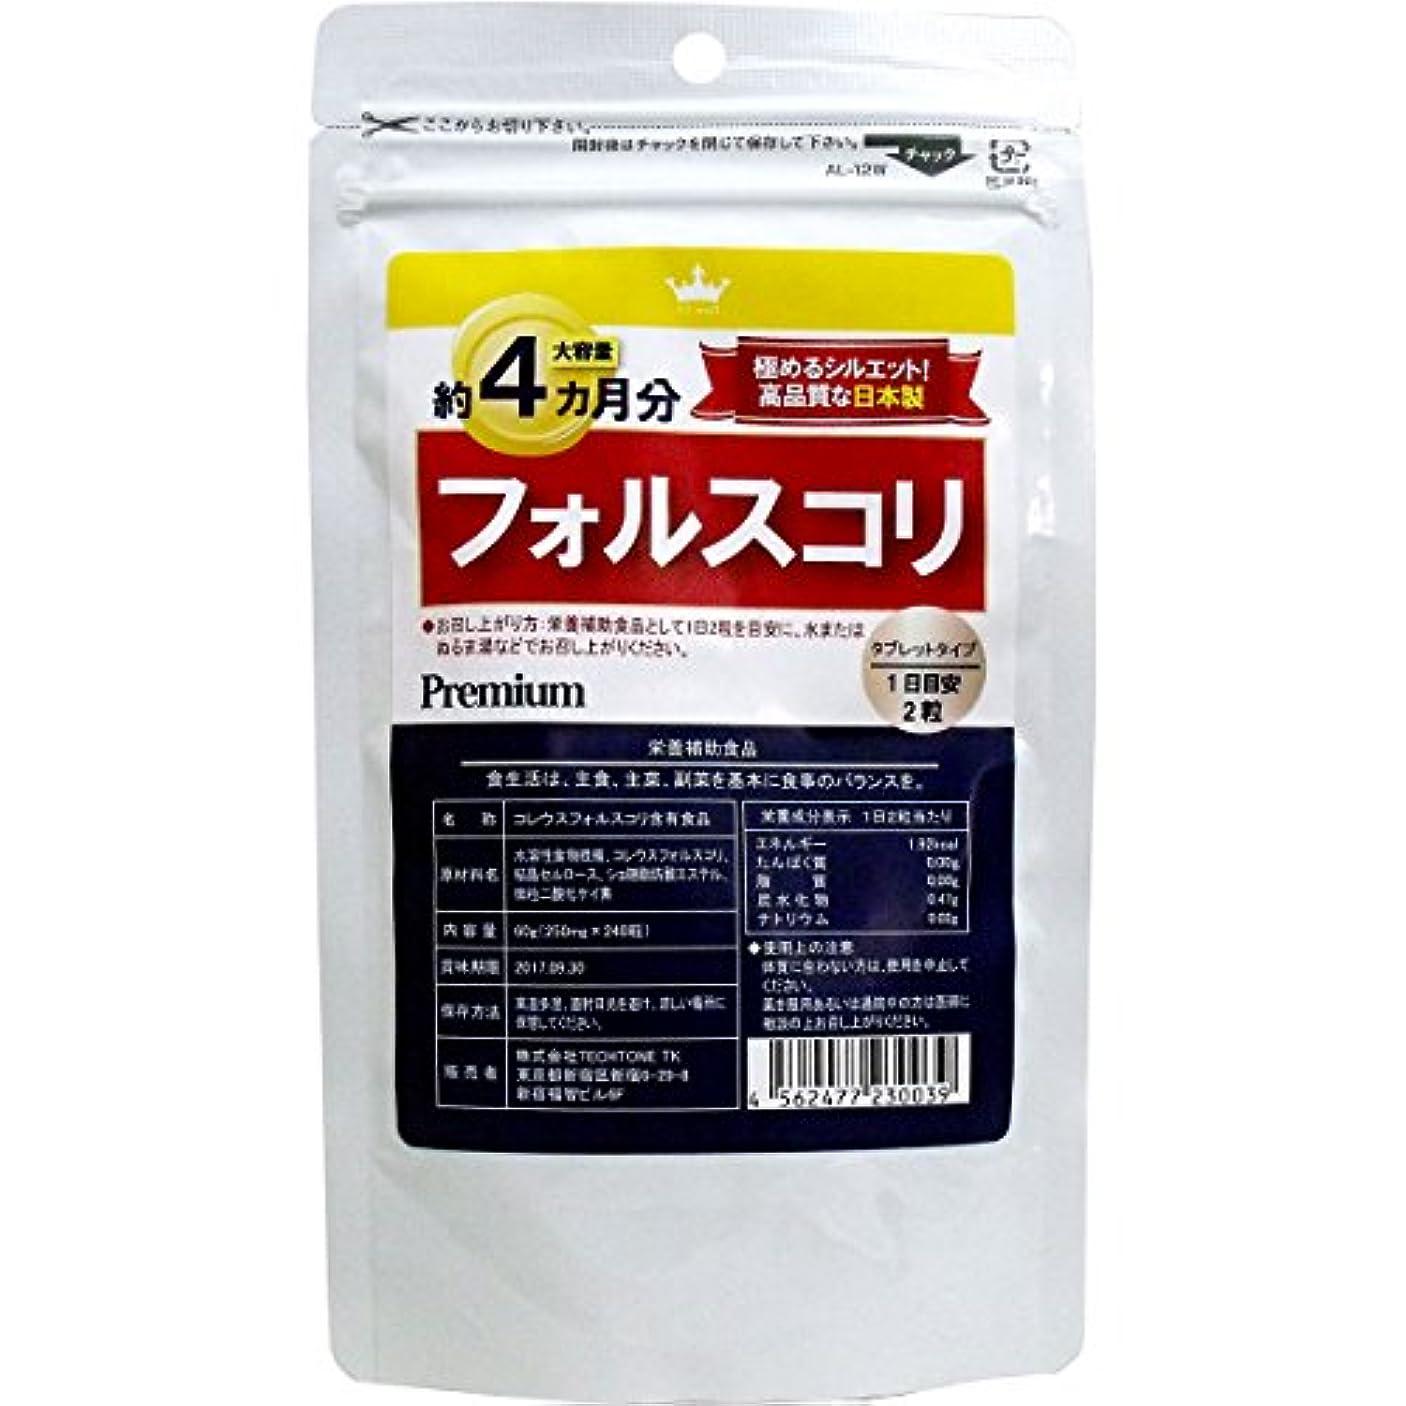 成長する棚鉱石サプリ 高品質な日本製 話題の フォルスコリ 約4カ月分 240粒入【1個セット】